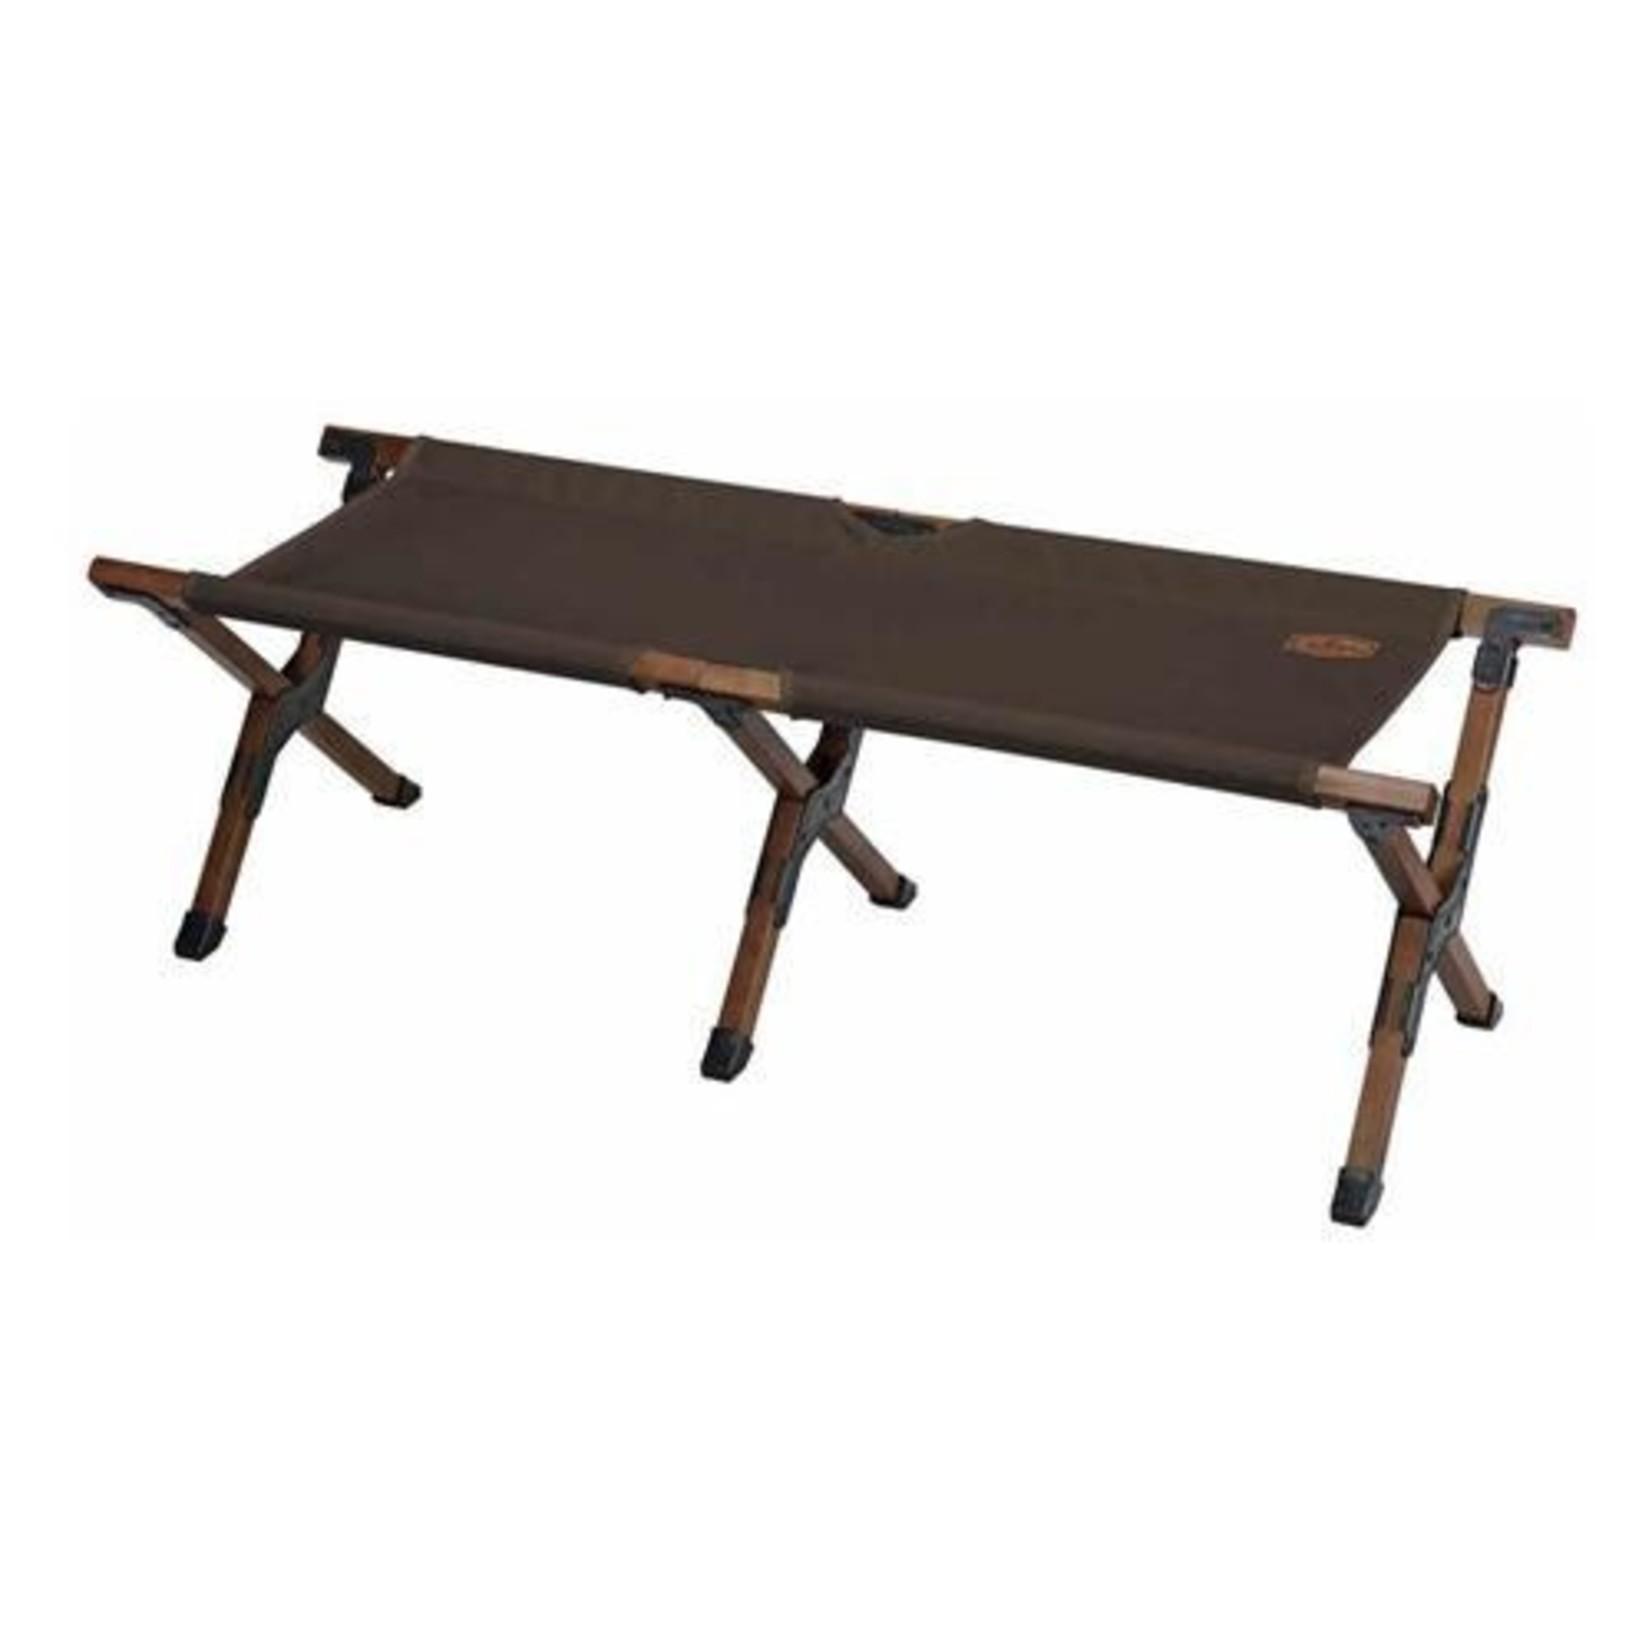 Kovea WS Folding Bench